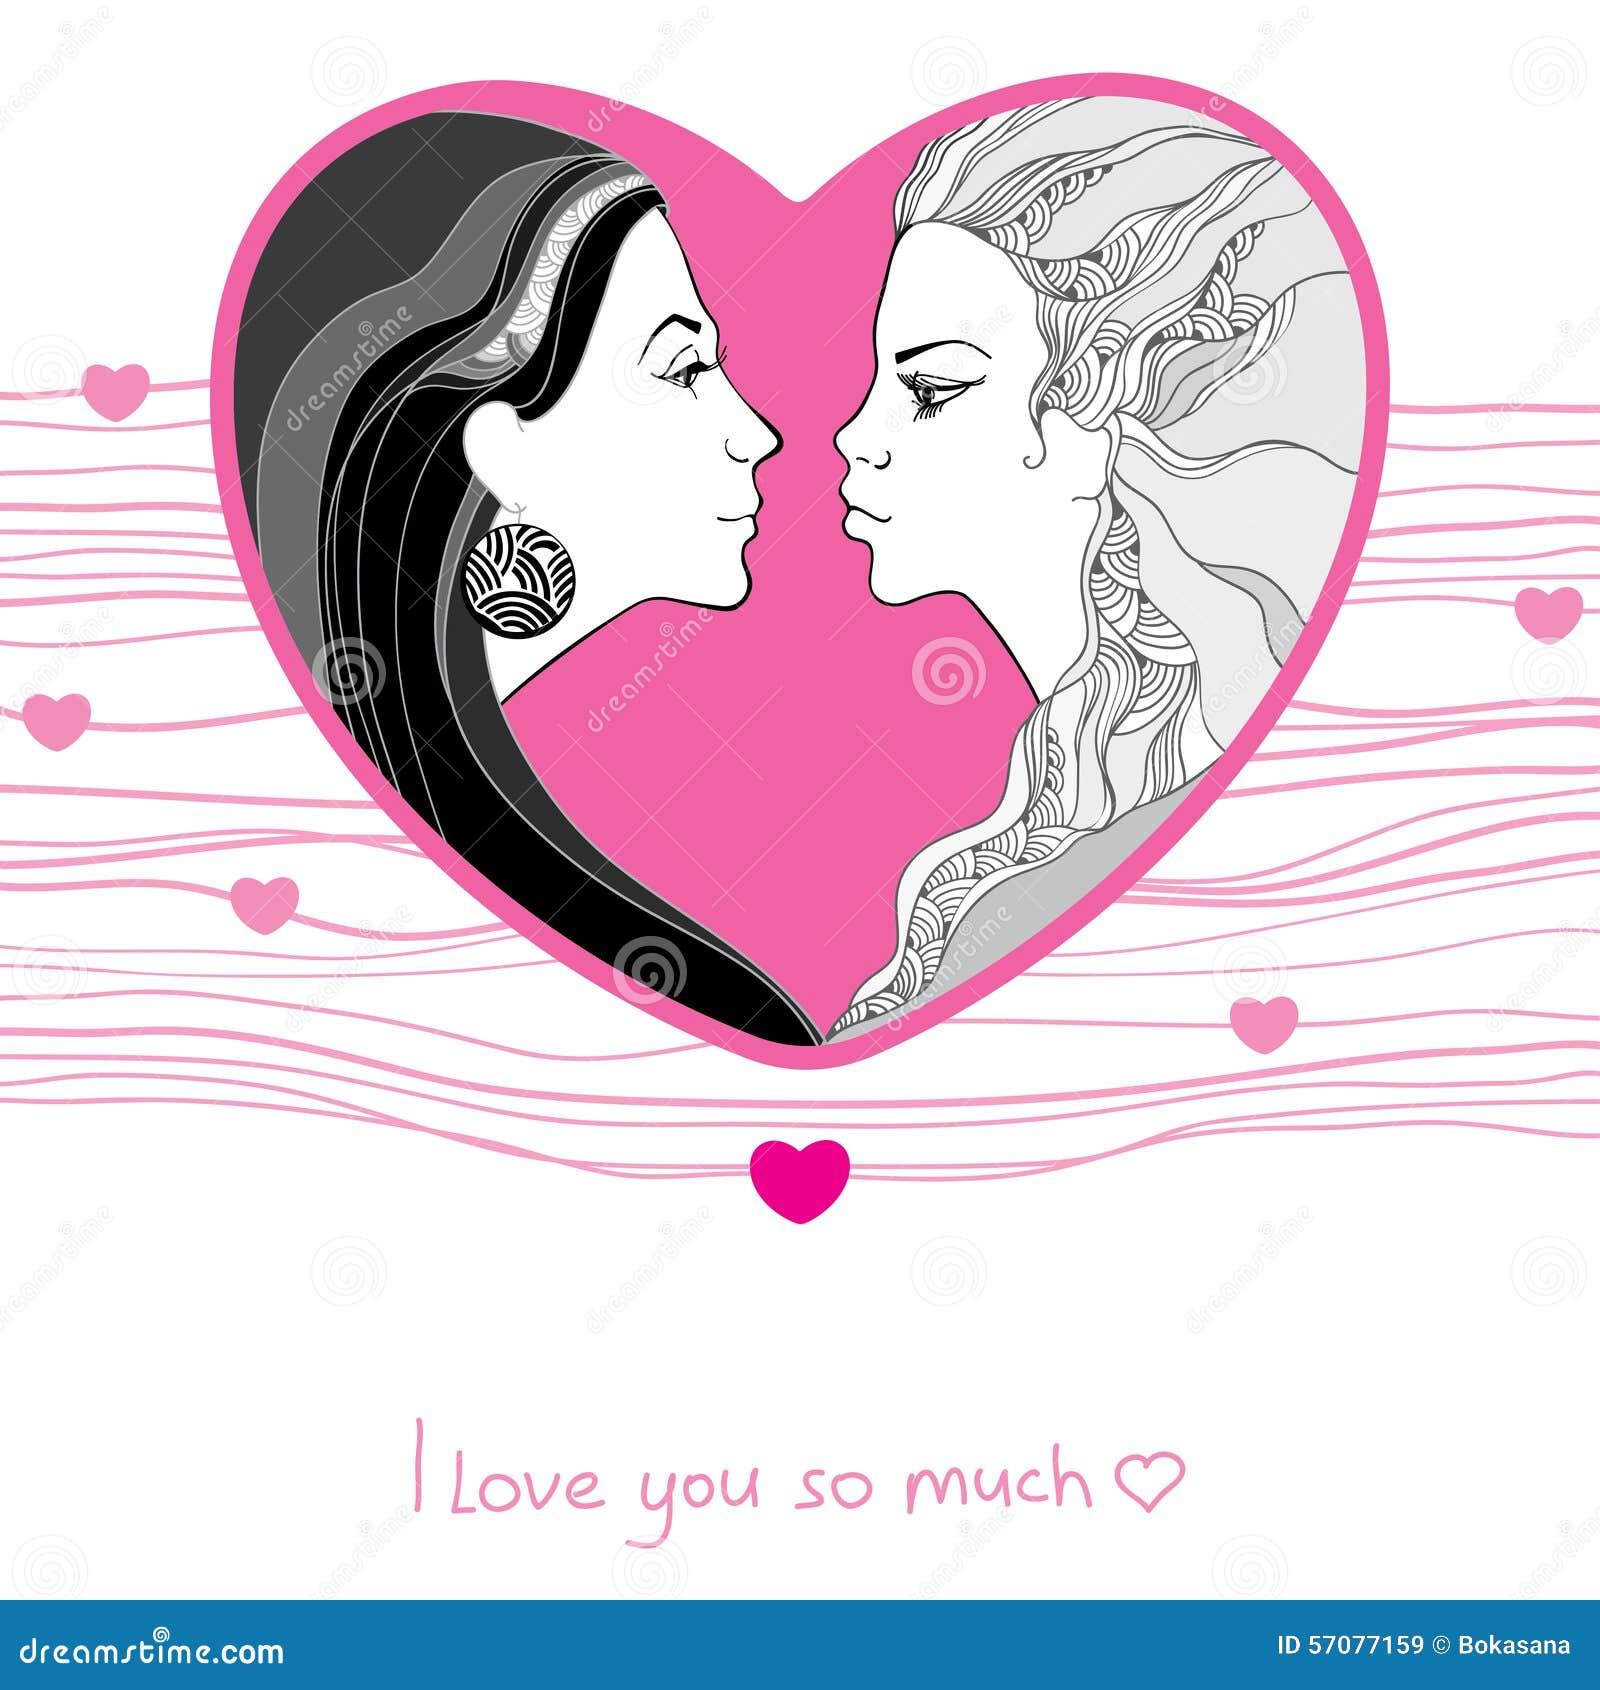 Nero lesbiche fare amare